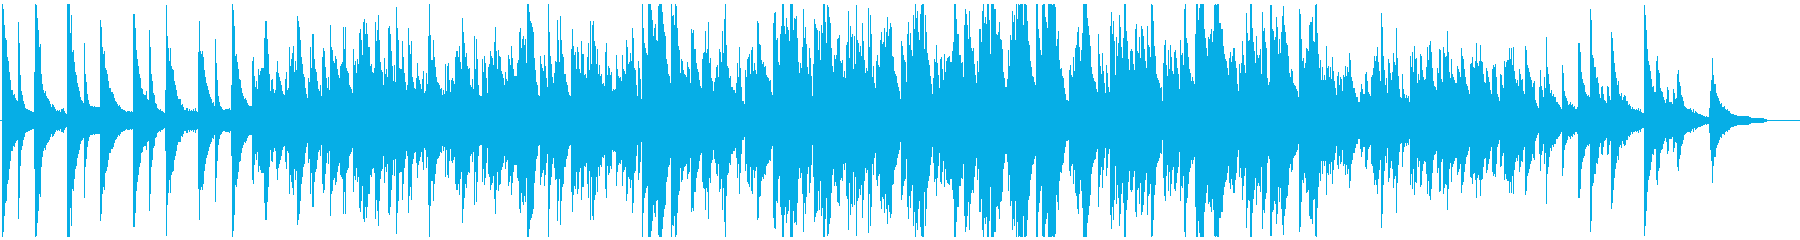 おしゃれで爽やかなピアノポップスの再生済みの波形